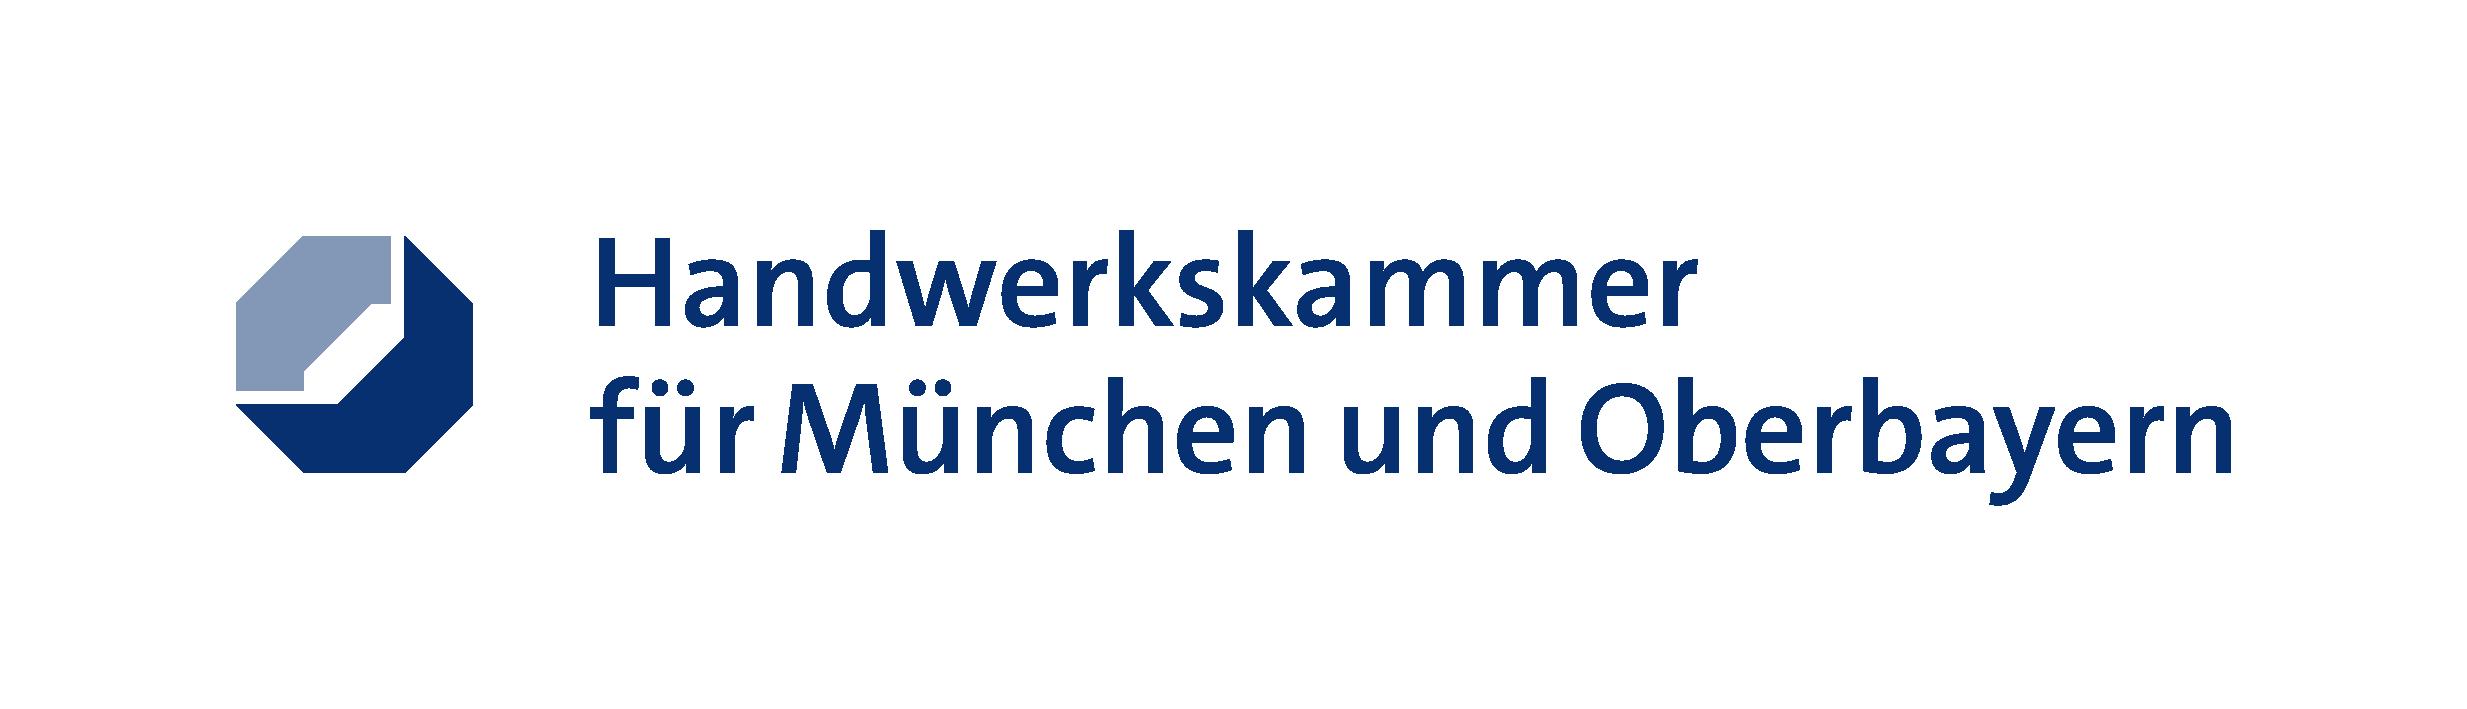 Handwerkskammer München - Reinigungsfirma Dein Glanz